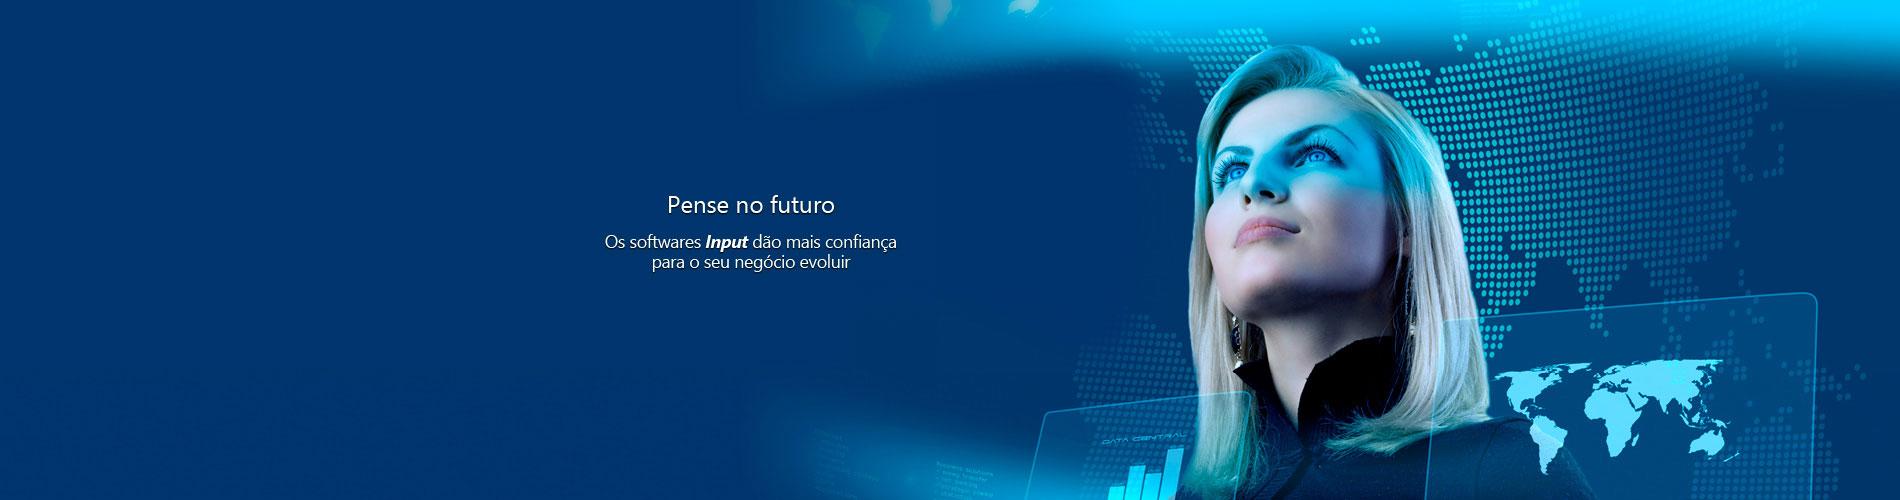 Pense no futuro (paralaxe)